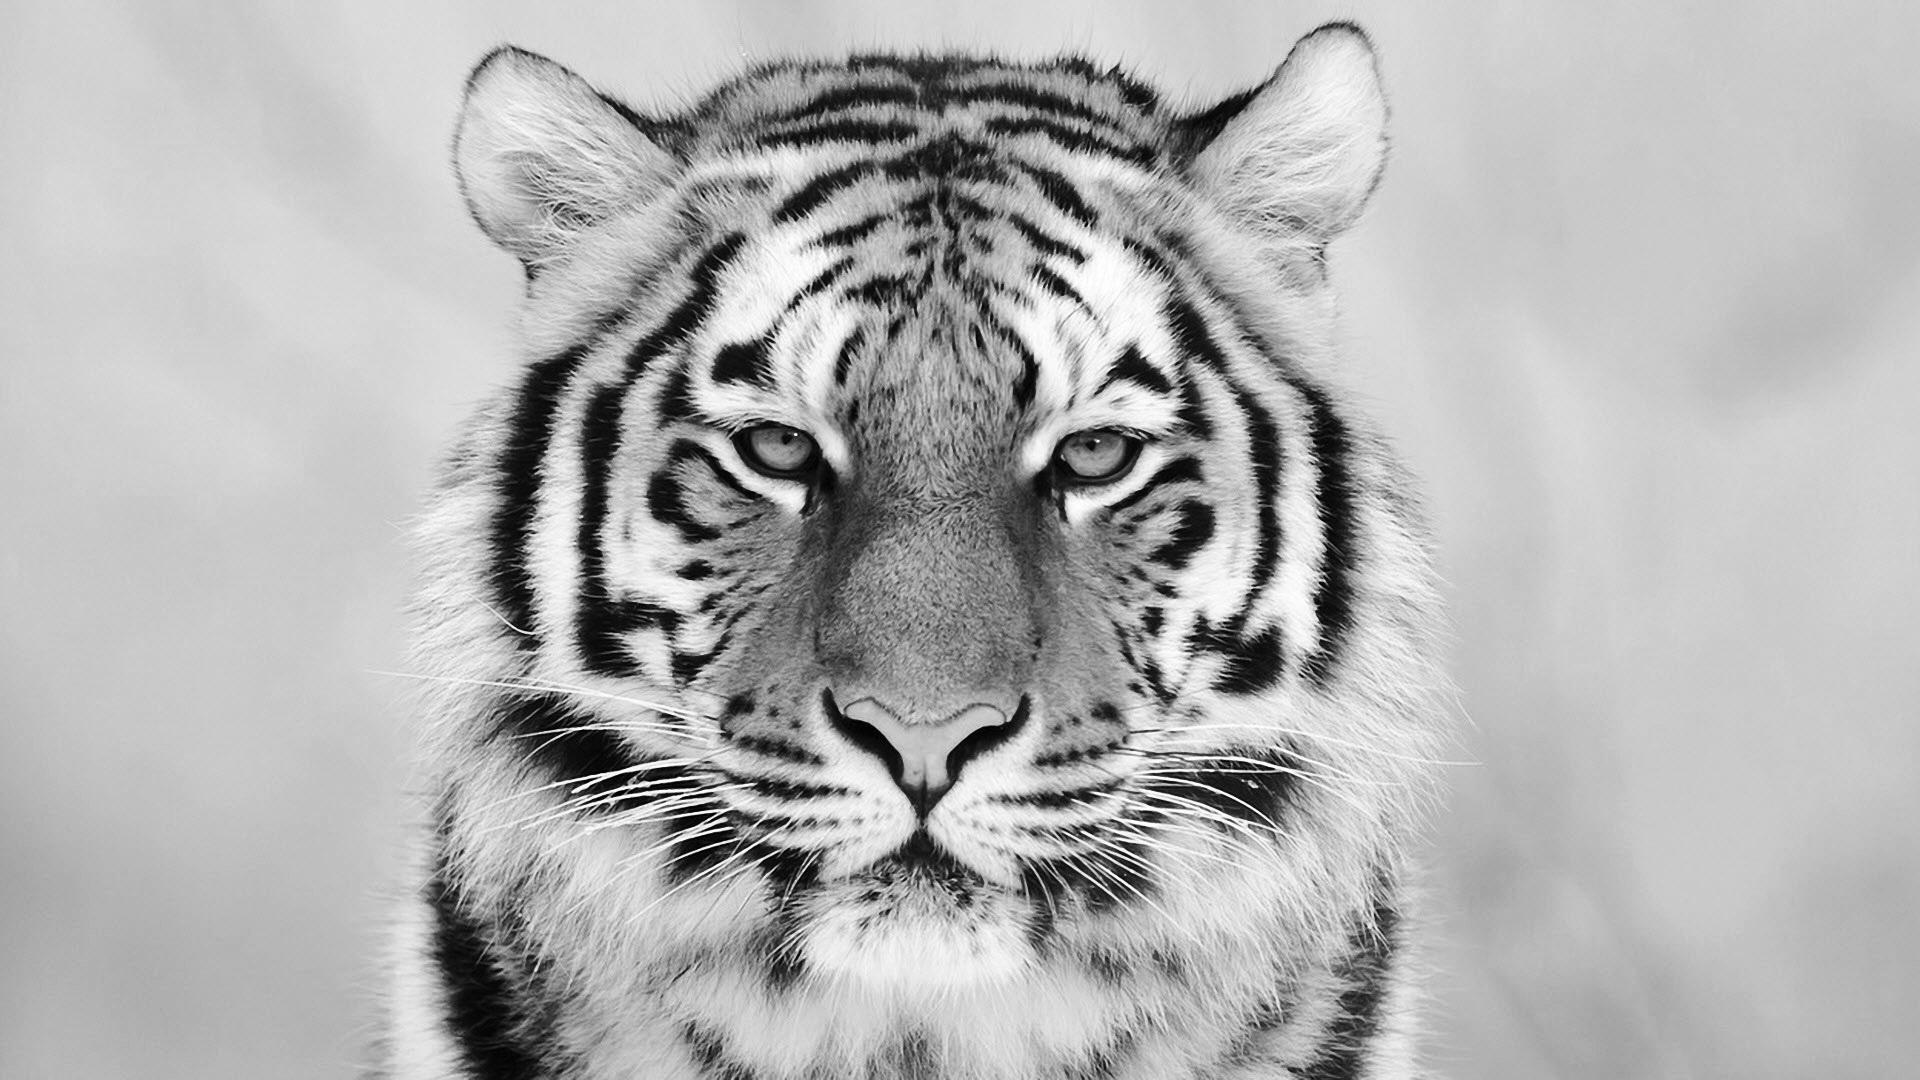 1920x1080 White Tiger Wallpaper